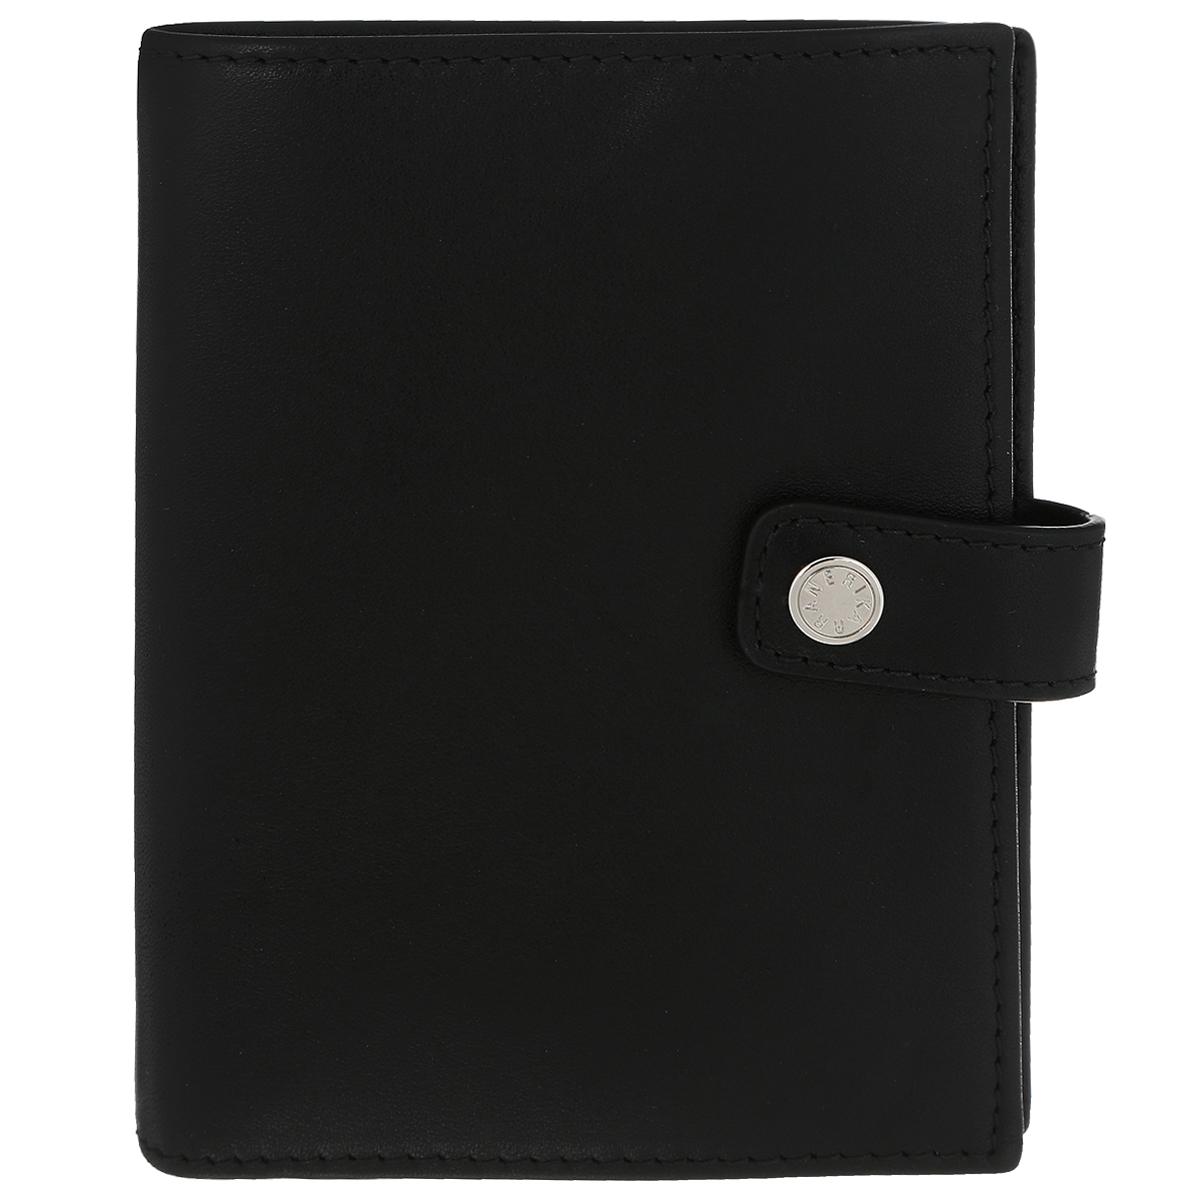 Портмоне мужское Neri Karra, цвет: черный. 0378 3-01.01N0378 3-01.01NМужское портмоне Neri Karra выполнено из натуральной высококачественной кожи с естественной лицевой поверхностью. Портмоне имеет два вместительных открытых отделения для купюр. Также внутри расположены 7 открытых горизонтальных прорезных кармашка для визиток и банковских карт, кармашек для SIM-карты, вертикальный карман для банковской карты, 2 открытых кармана с полупрозрачным окном-сеточкой и открытый потайной карман. Портмоне дополнено внутренним отделением для монет на застежке-молнии. Портмоне закрывается на хлястик с кнопкой. Фурнитура оформлена под серебро. Портмоне - это удобный и стильный аксессуар, необходимый каждому активному человеку для хранения денежных купюр, монет, визитных и пластиковых карт, а также небольших документов. Надежное портмоне Neri Karra сочетает в себе классический дизайн и функциональность, и не только практично в использовании, но и станет отличным дополнением к любому стилю, и позволит вам подчеркнуть свою индивидуальность. ...